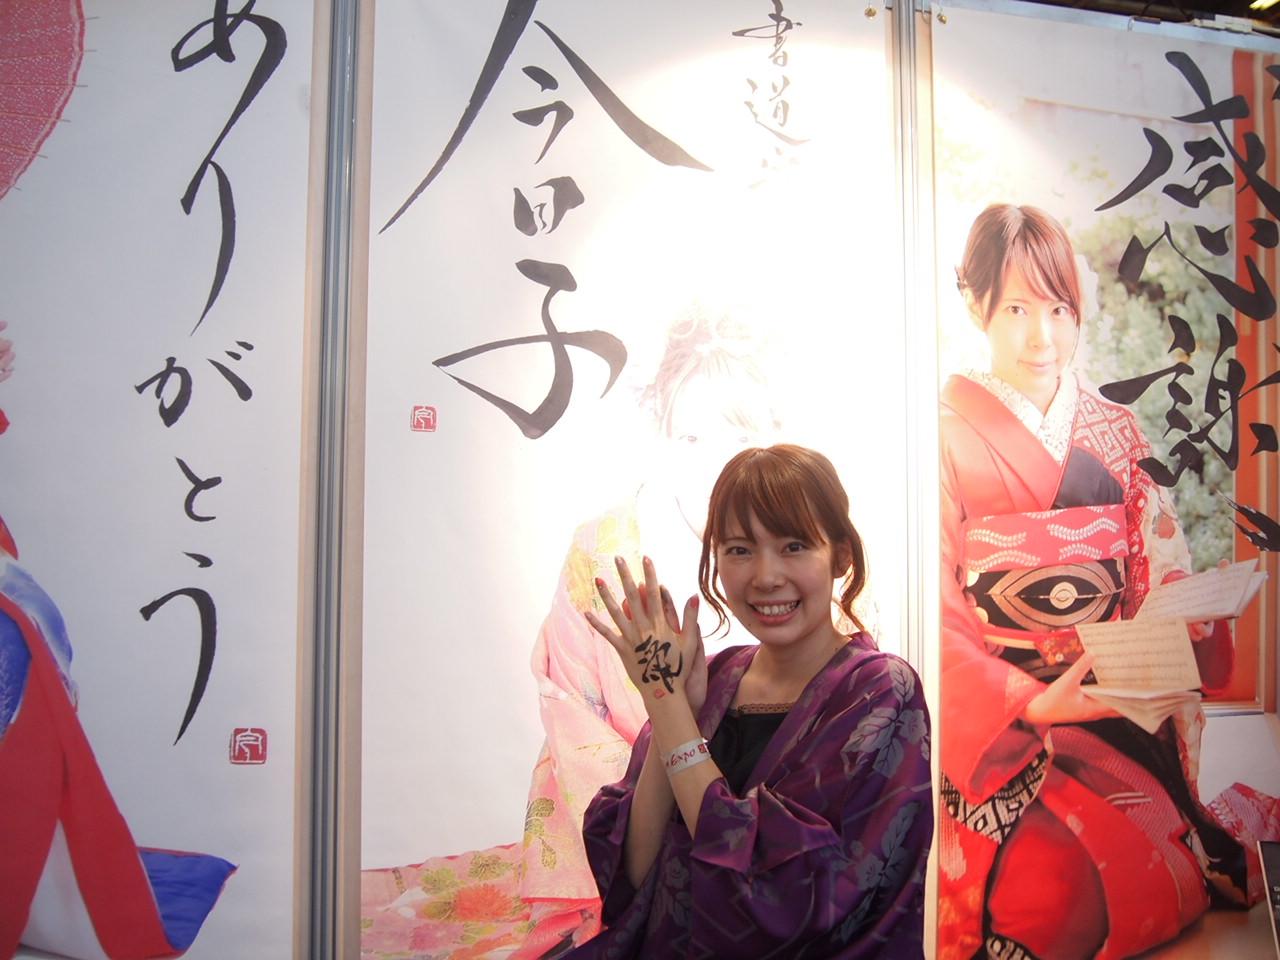 ジャパンエキスポで出会った日本人たちはパリで何を出展しているのか?